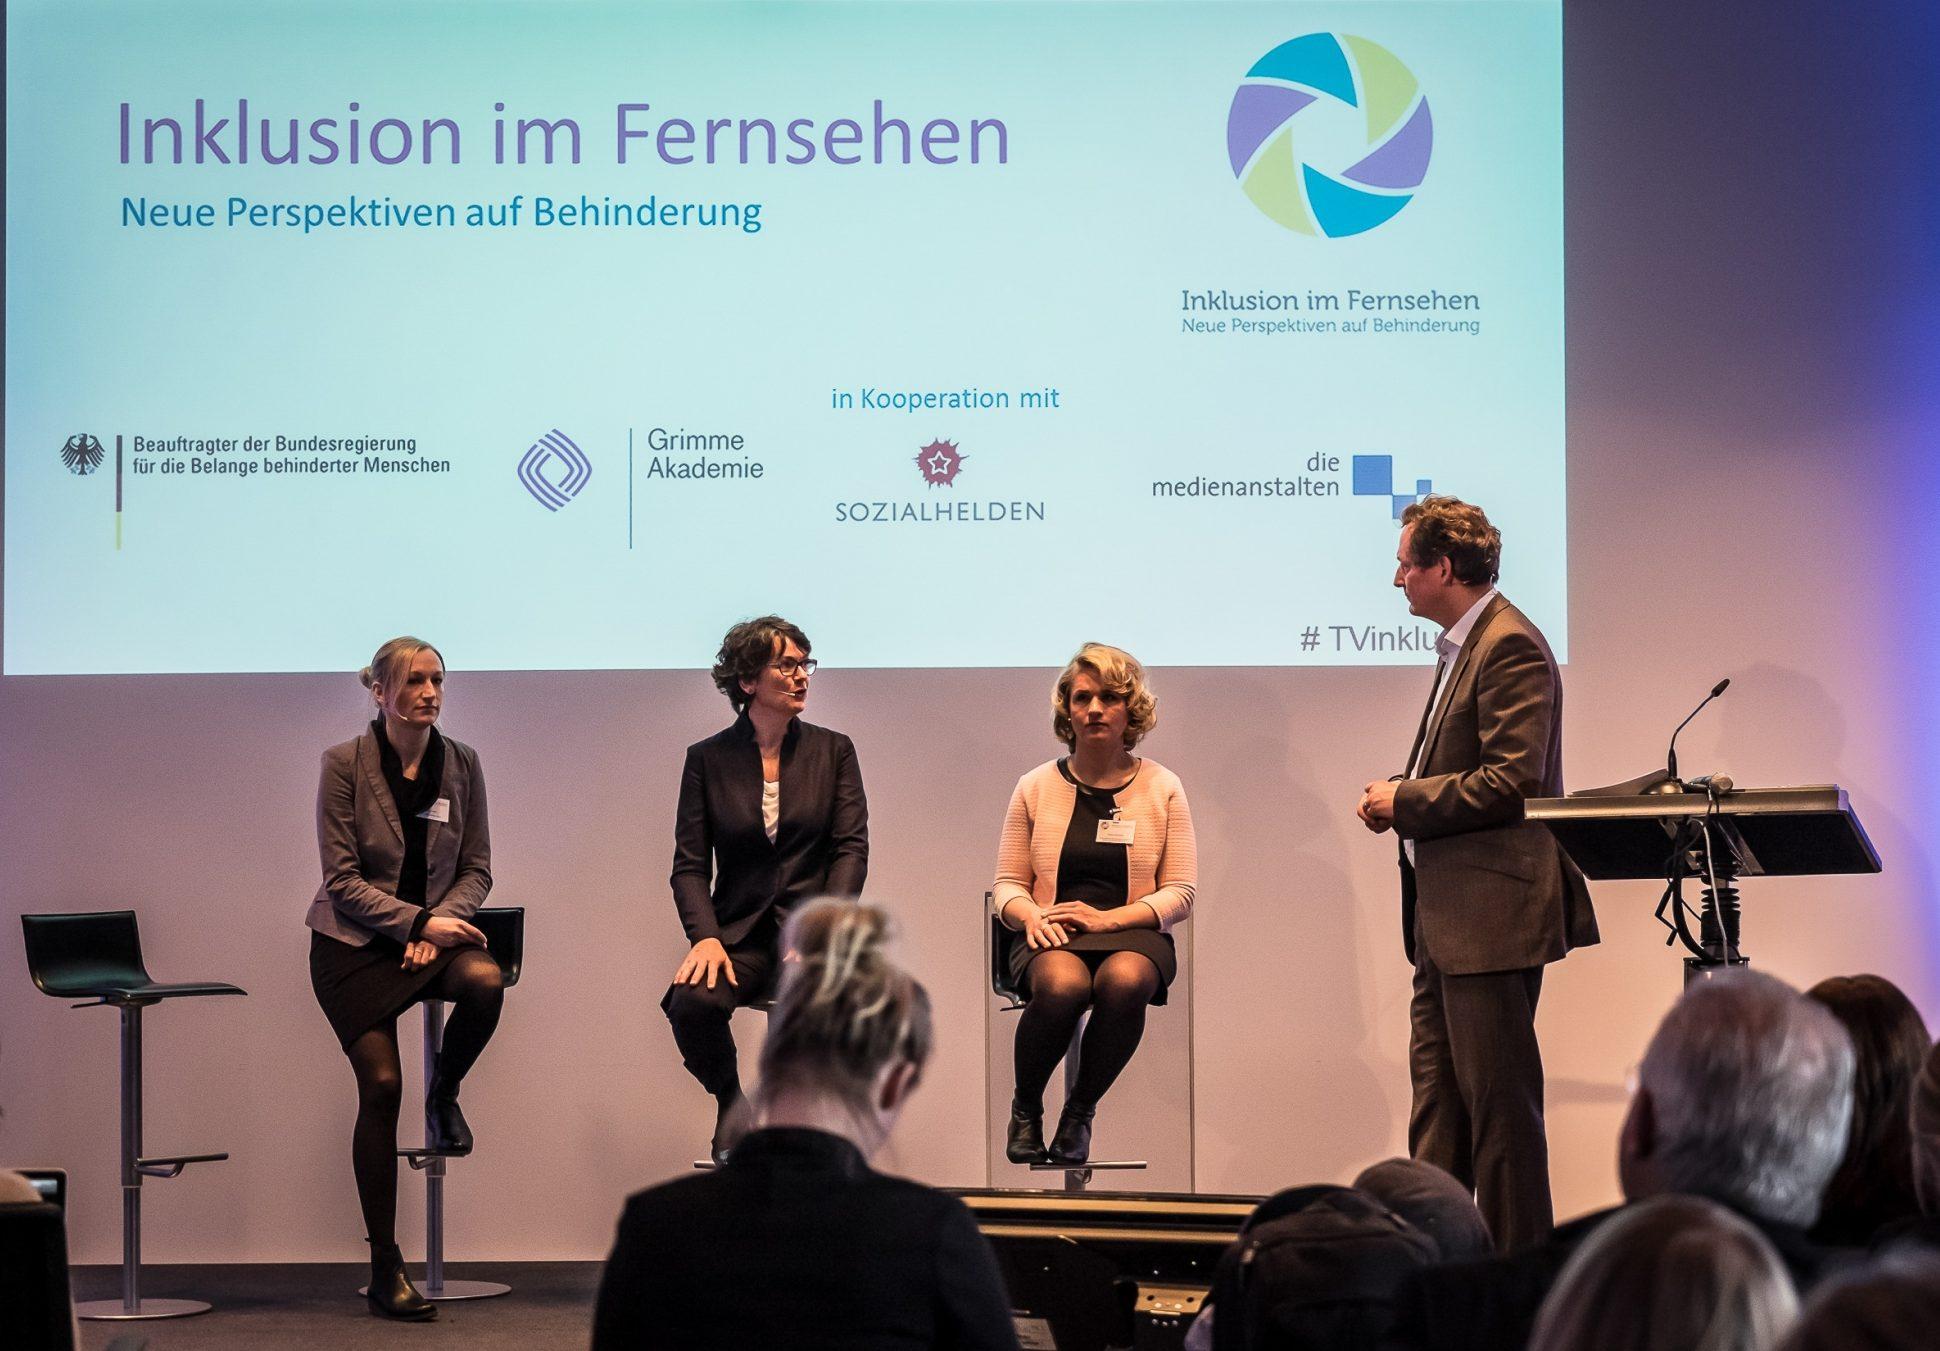 """Ein Podium auf der Veranstaltung """"Inklusion im Fernsehen"""" von der Grimme Akademie bei RTL in Köln. Auf dem Podium sitzen drei Frauen, zwei blonde Frauen und eine dunkelhaarige Frau. Eine der Frauen ist blind. Neben ihnen steht der Moderator."""